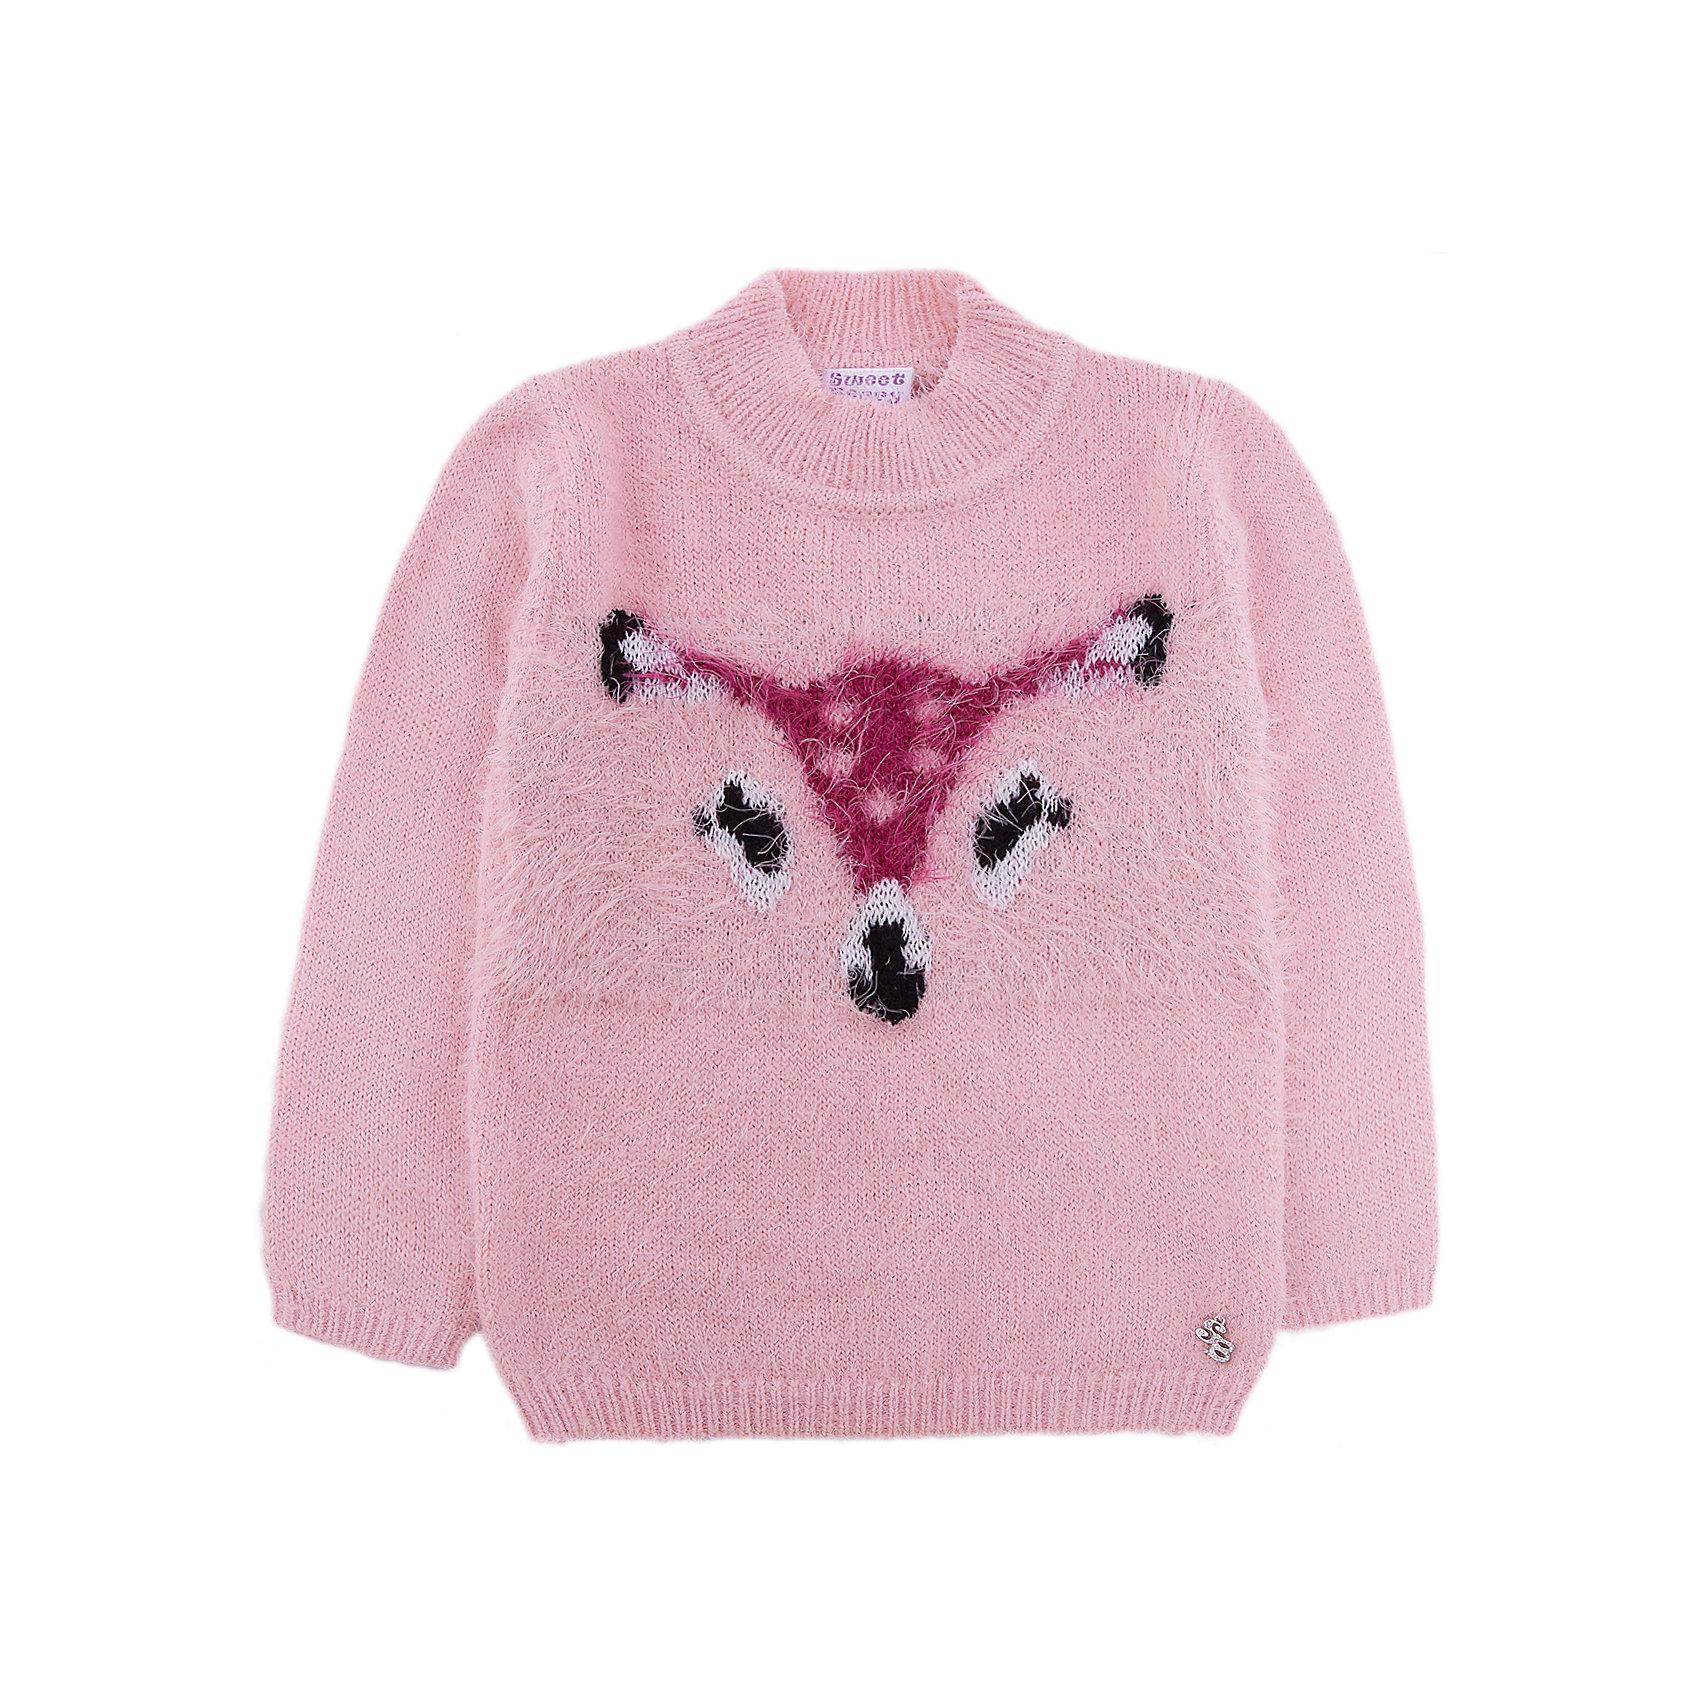 Свитер Sweet Berry для девочкиТолстовки, свитера, кардиганы<br>Свитер Sweet Berry для девочки<br>Мягкий свитер для девочки из ворсовой пряжи травка персикового цвета с завышенной горловиной декорированный жаккардовым рисунком оленёнок.<br>Состав:<br>60% нейлон, 40% акрил<br><br>Ширина мм: 190<br>Глубина мм: 74<br>Высота мм: 229<br>Вес г: 236<br>Цвет: розовый<br>Возраст от месяцев: 24<br>Возраст до месяцев: 36<br>Пол: Женский<br>Возраст: Детский<br>Размер: 98,80,86,92<br>SKU: 7094458